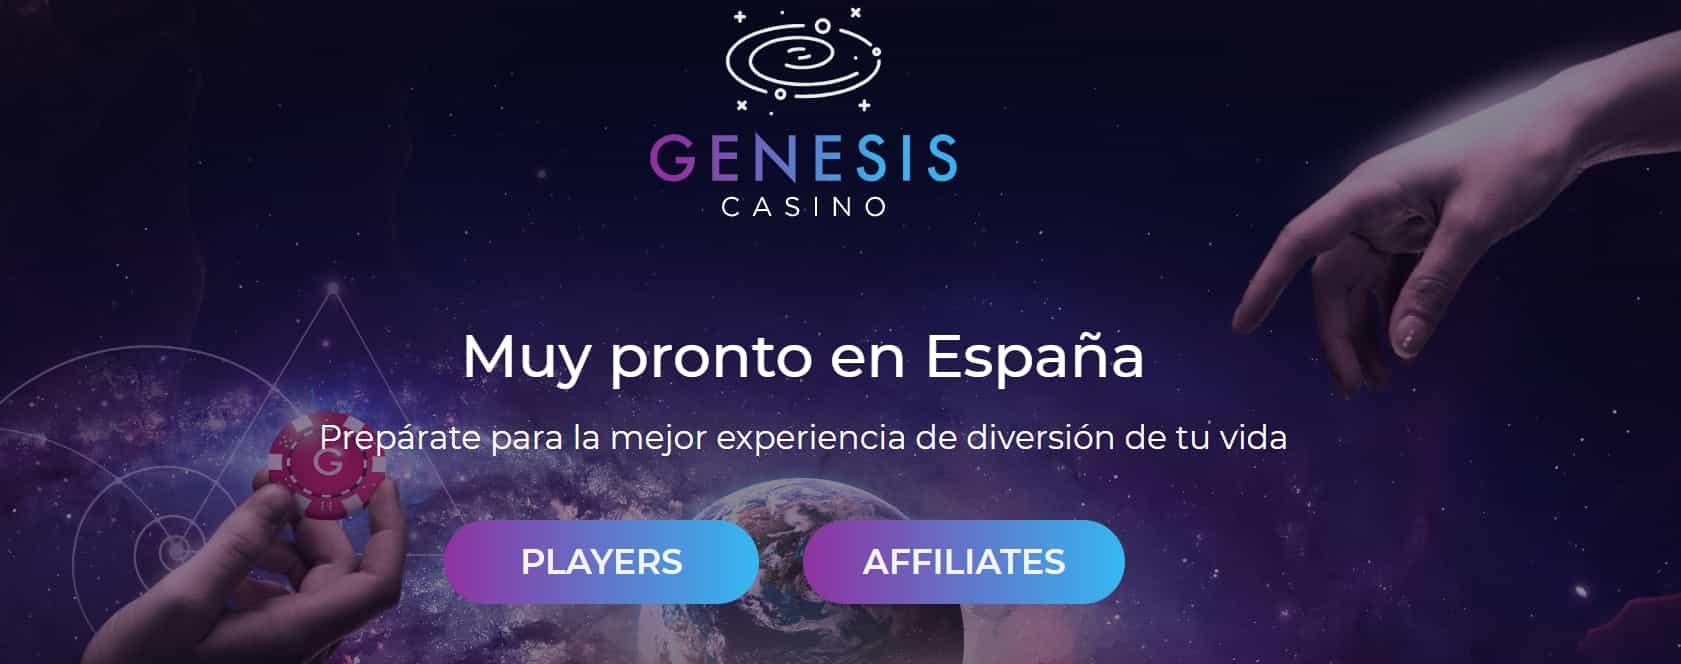 casino-genesis-espana